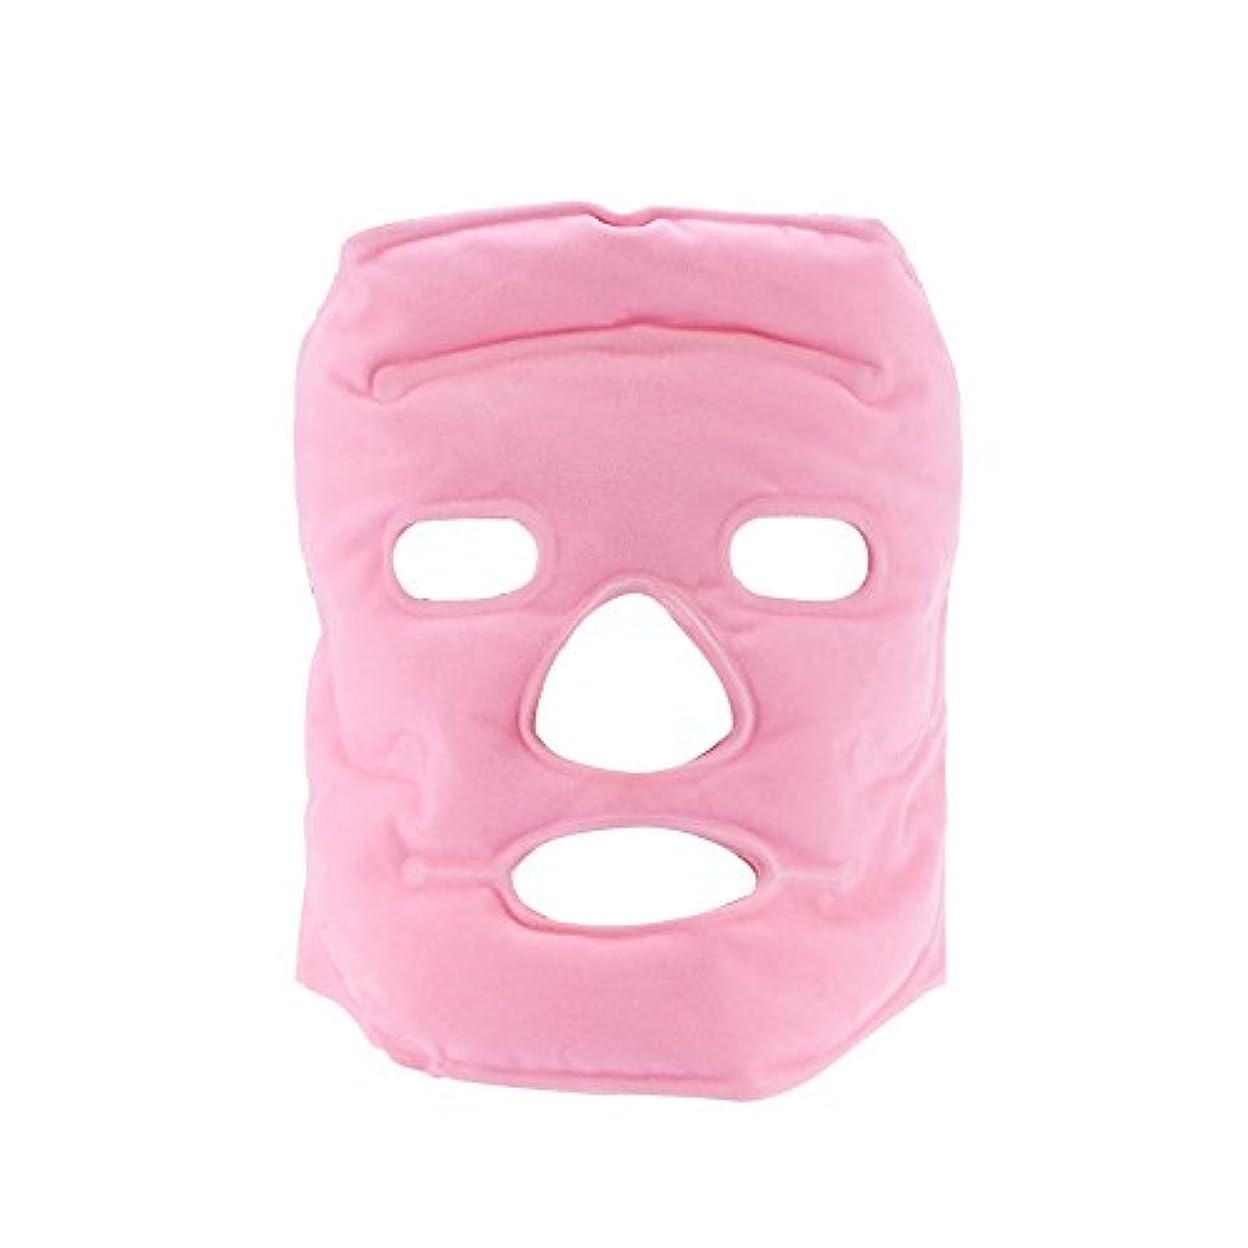 序文トラブル発音トルマリンフェイスマスク、フェイシャル美容マスク計器トルマリン磁気コールド/ホットコンプレッションマッサージアンチリンクルフェイスケア女性